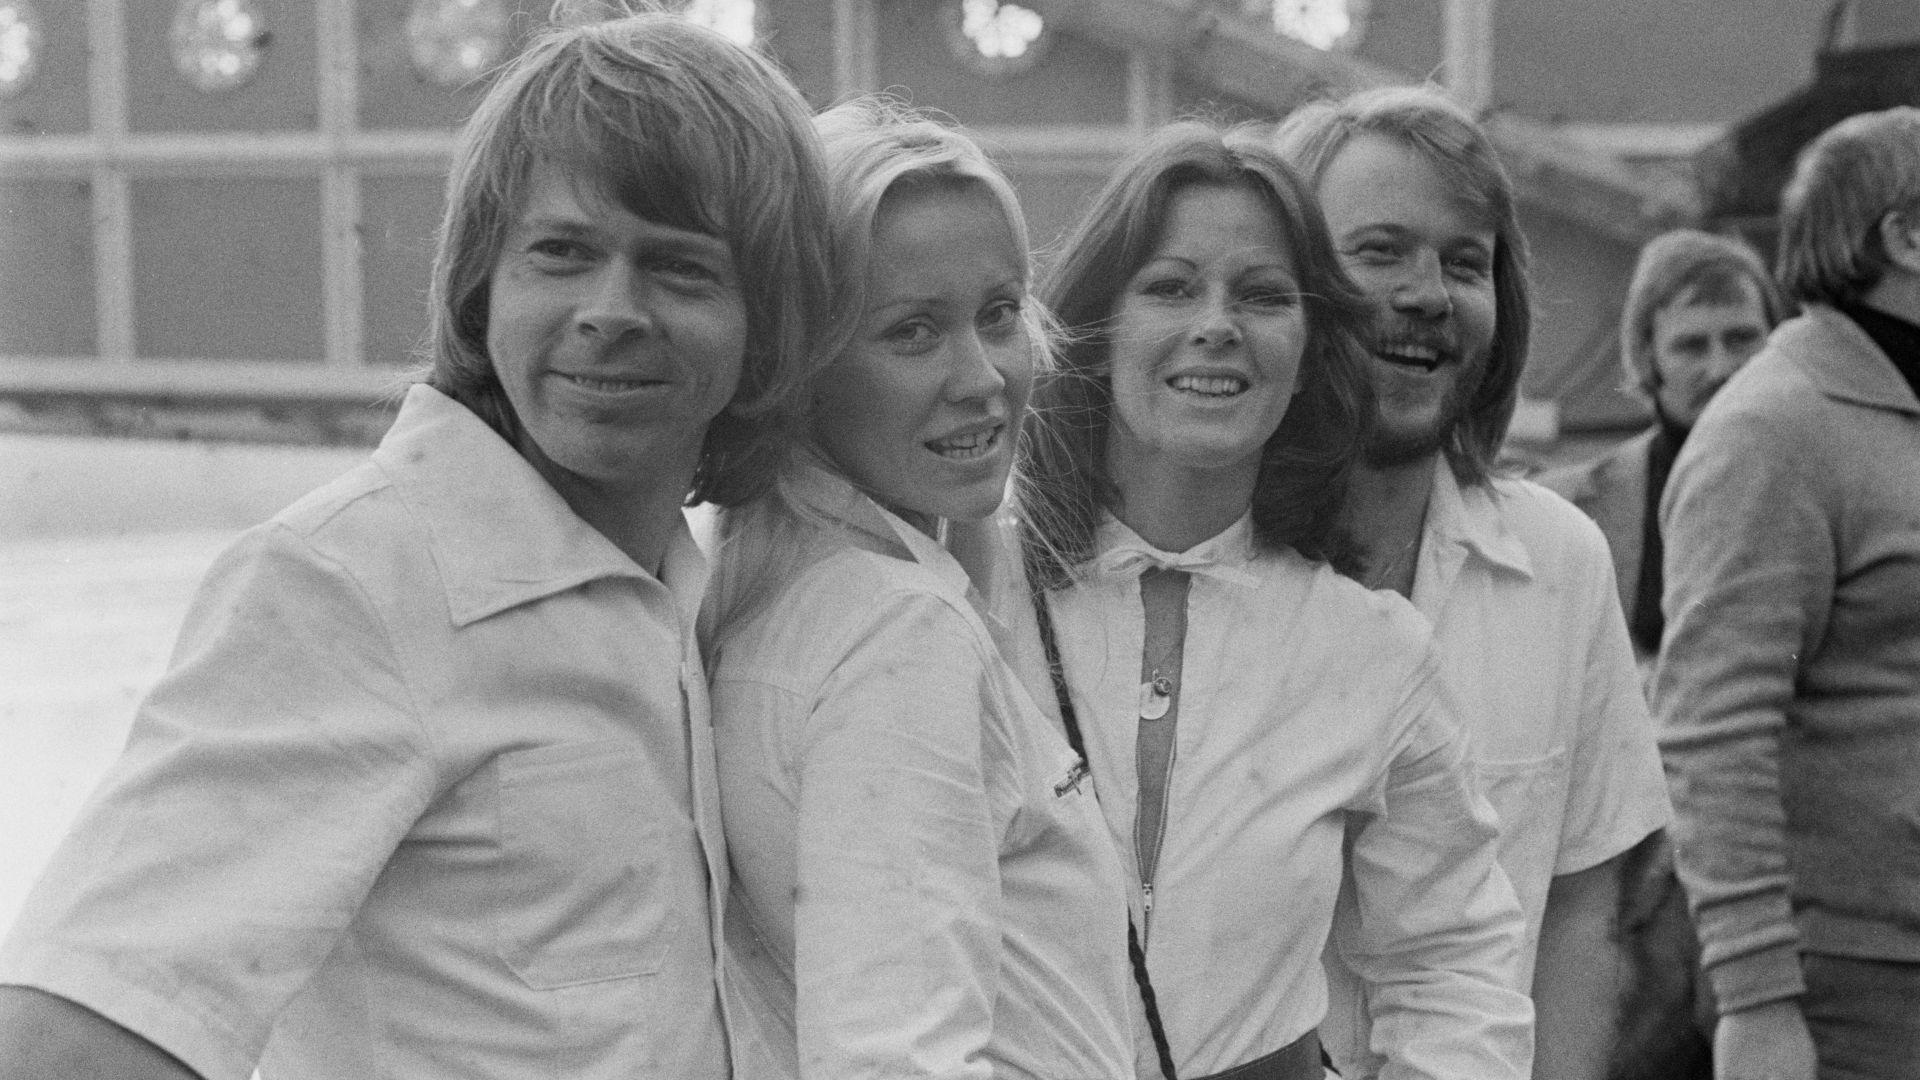 ABBA излизат на сцена като холограми на младите Бьорн, Бени, Агнета и Фрида